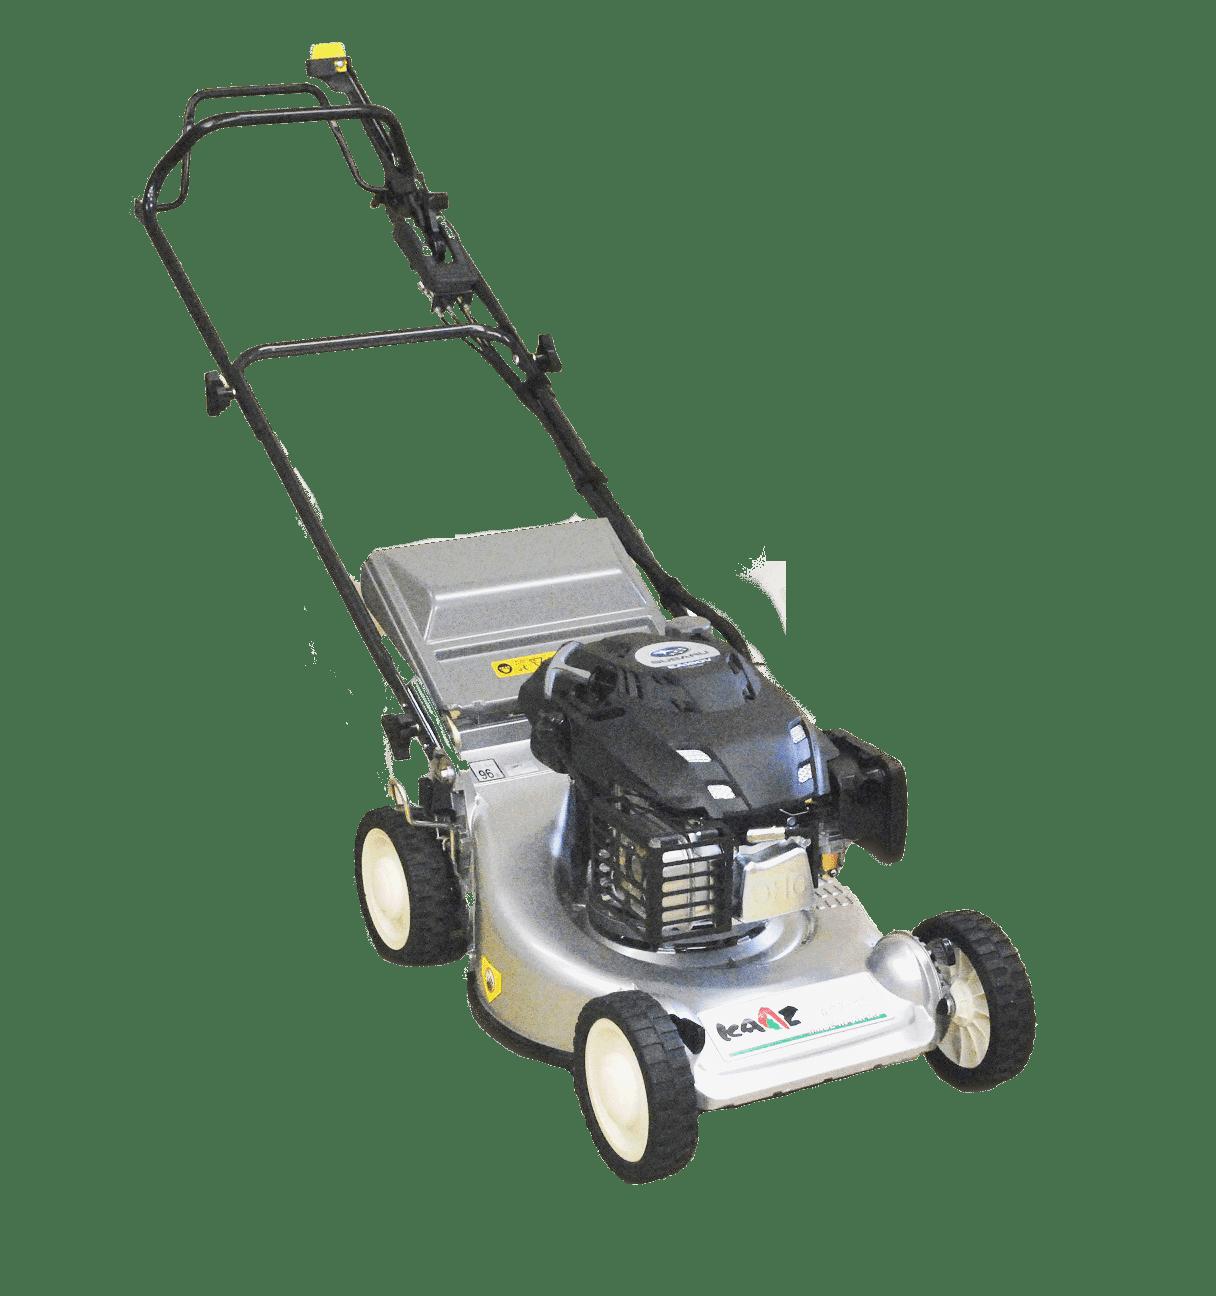 מכסחת דשא מקצועית של חברת Kaaz - דגם LM 4860 SX